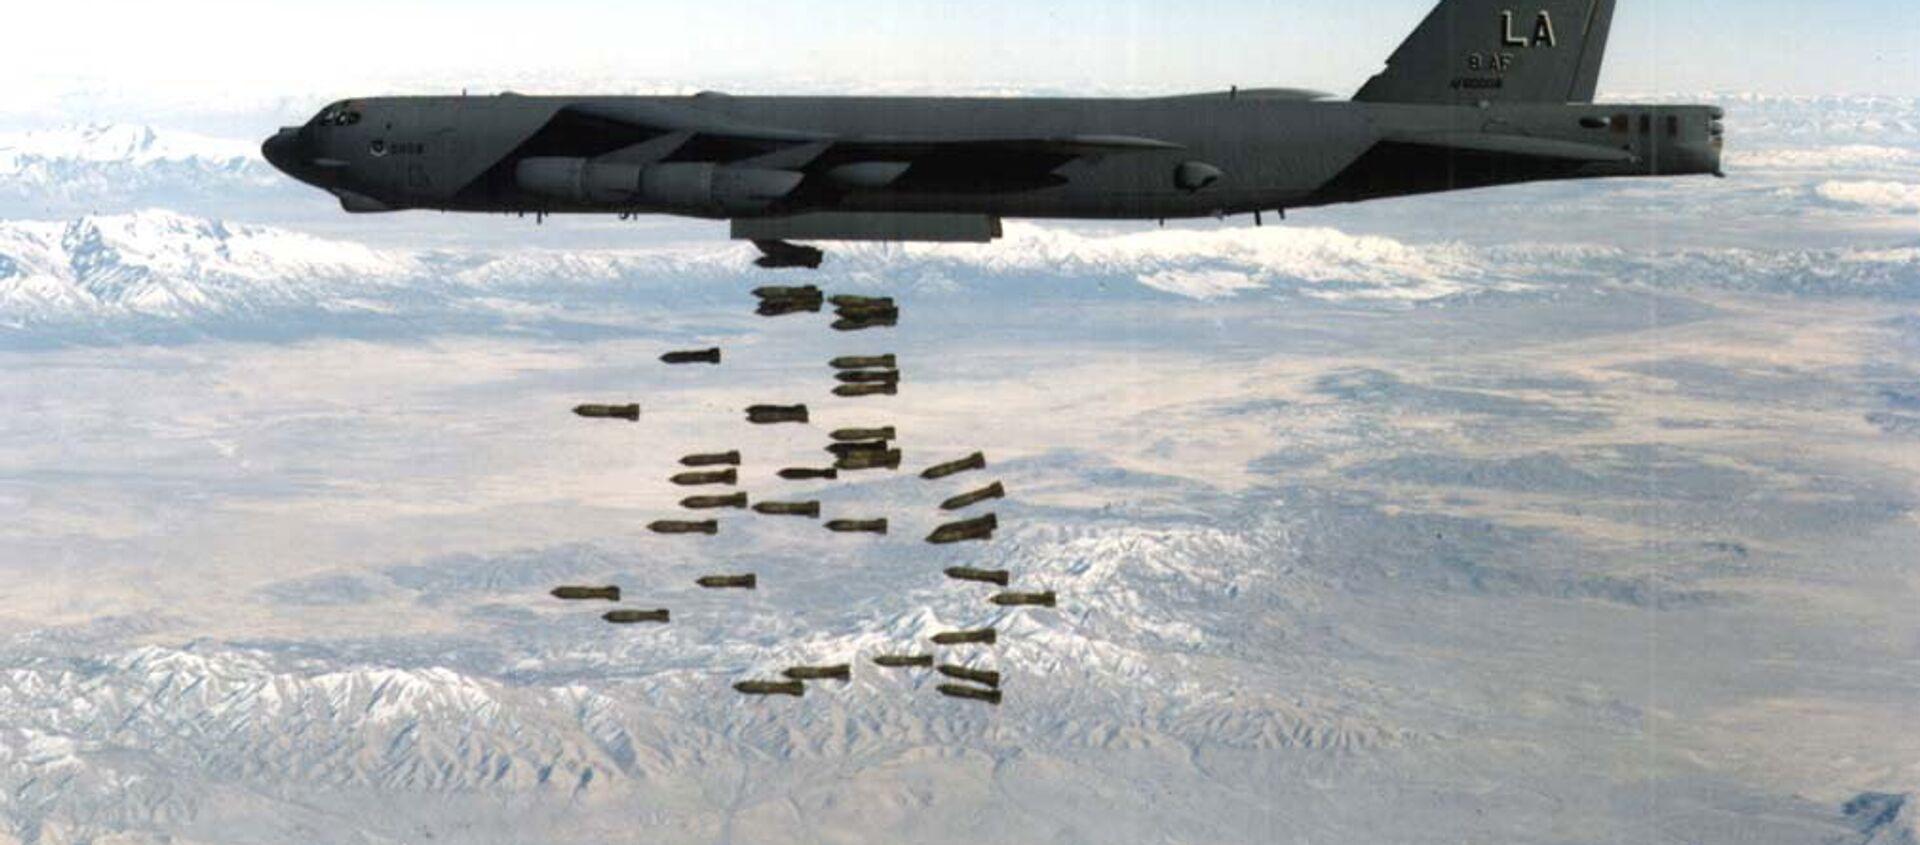 El B-52, utilizado en los bombardeos de Yugoslavia - Sputnik Mundo, 1920, 25.03.2018